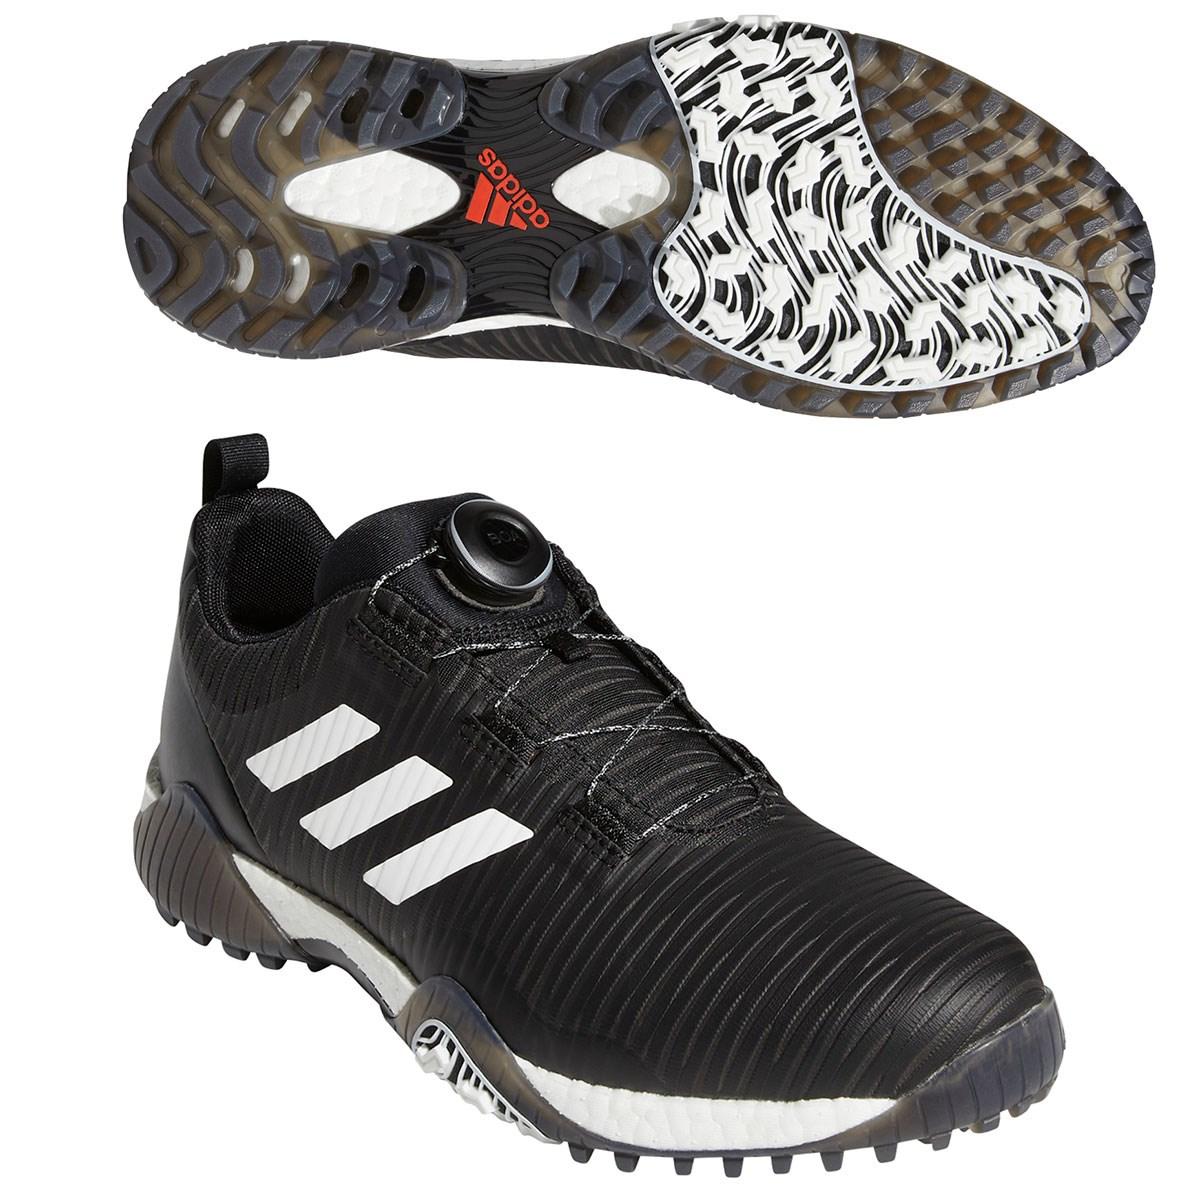 アディダス Adidas コードカオス ボア ロウ シューズ 26.5cm コアブラック/ホワイト/ソリッドグレー